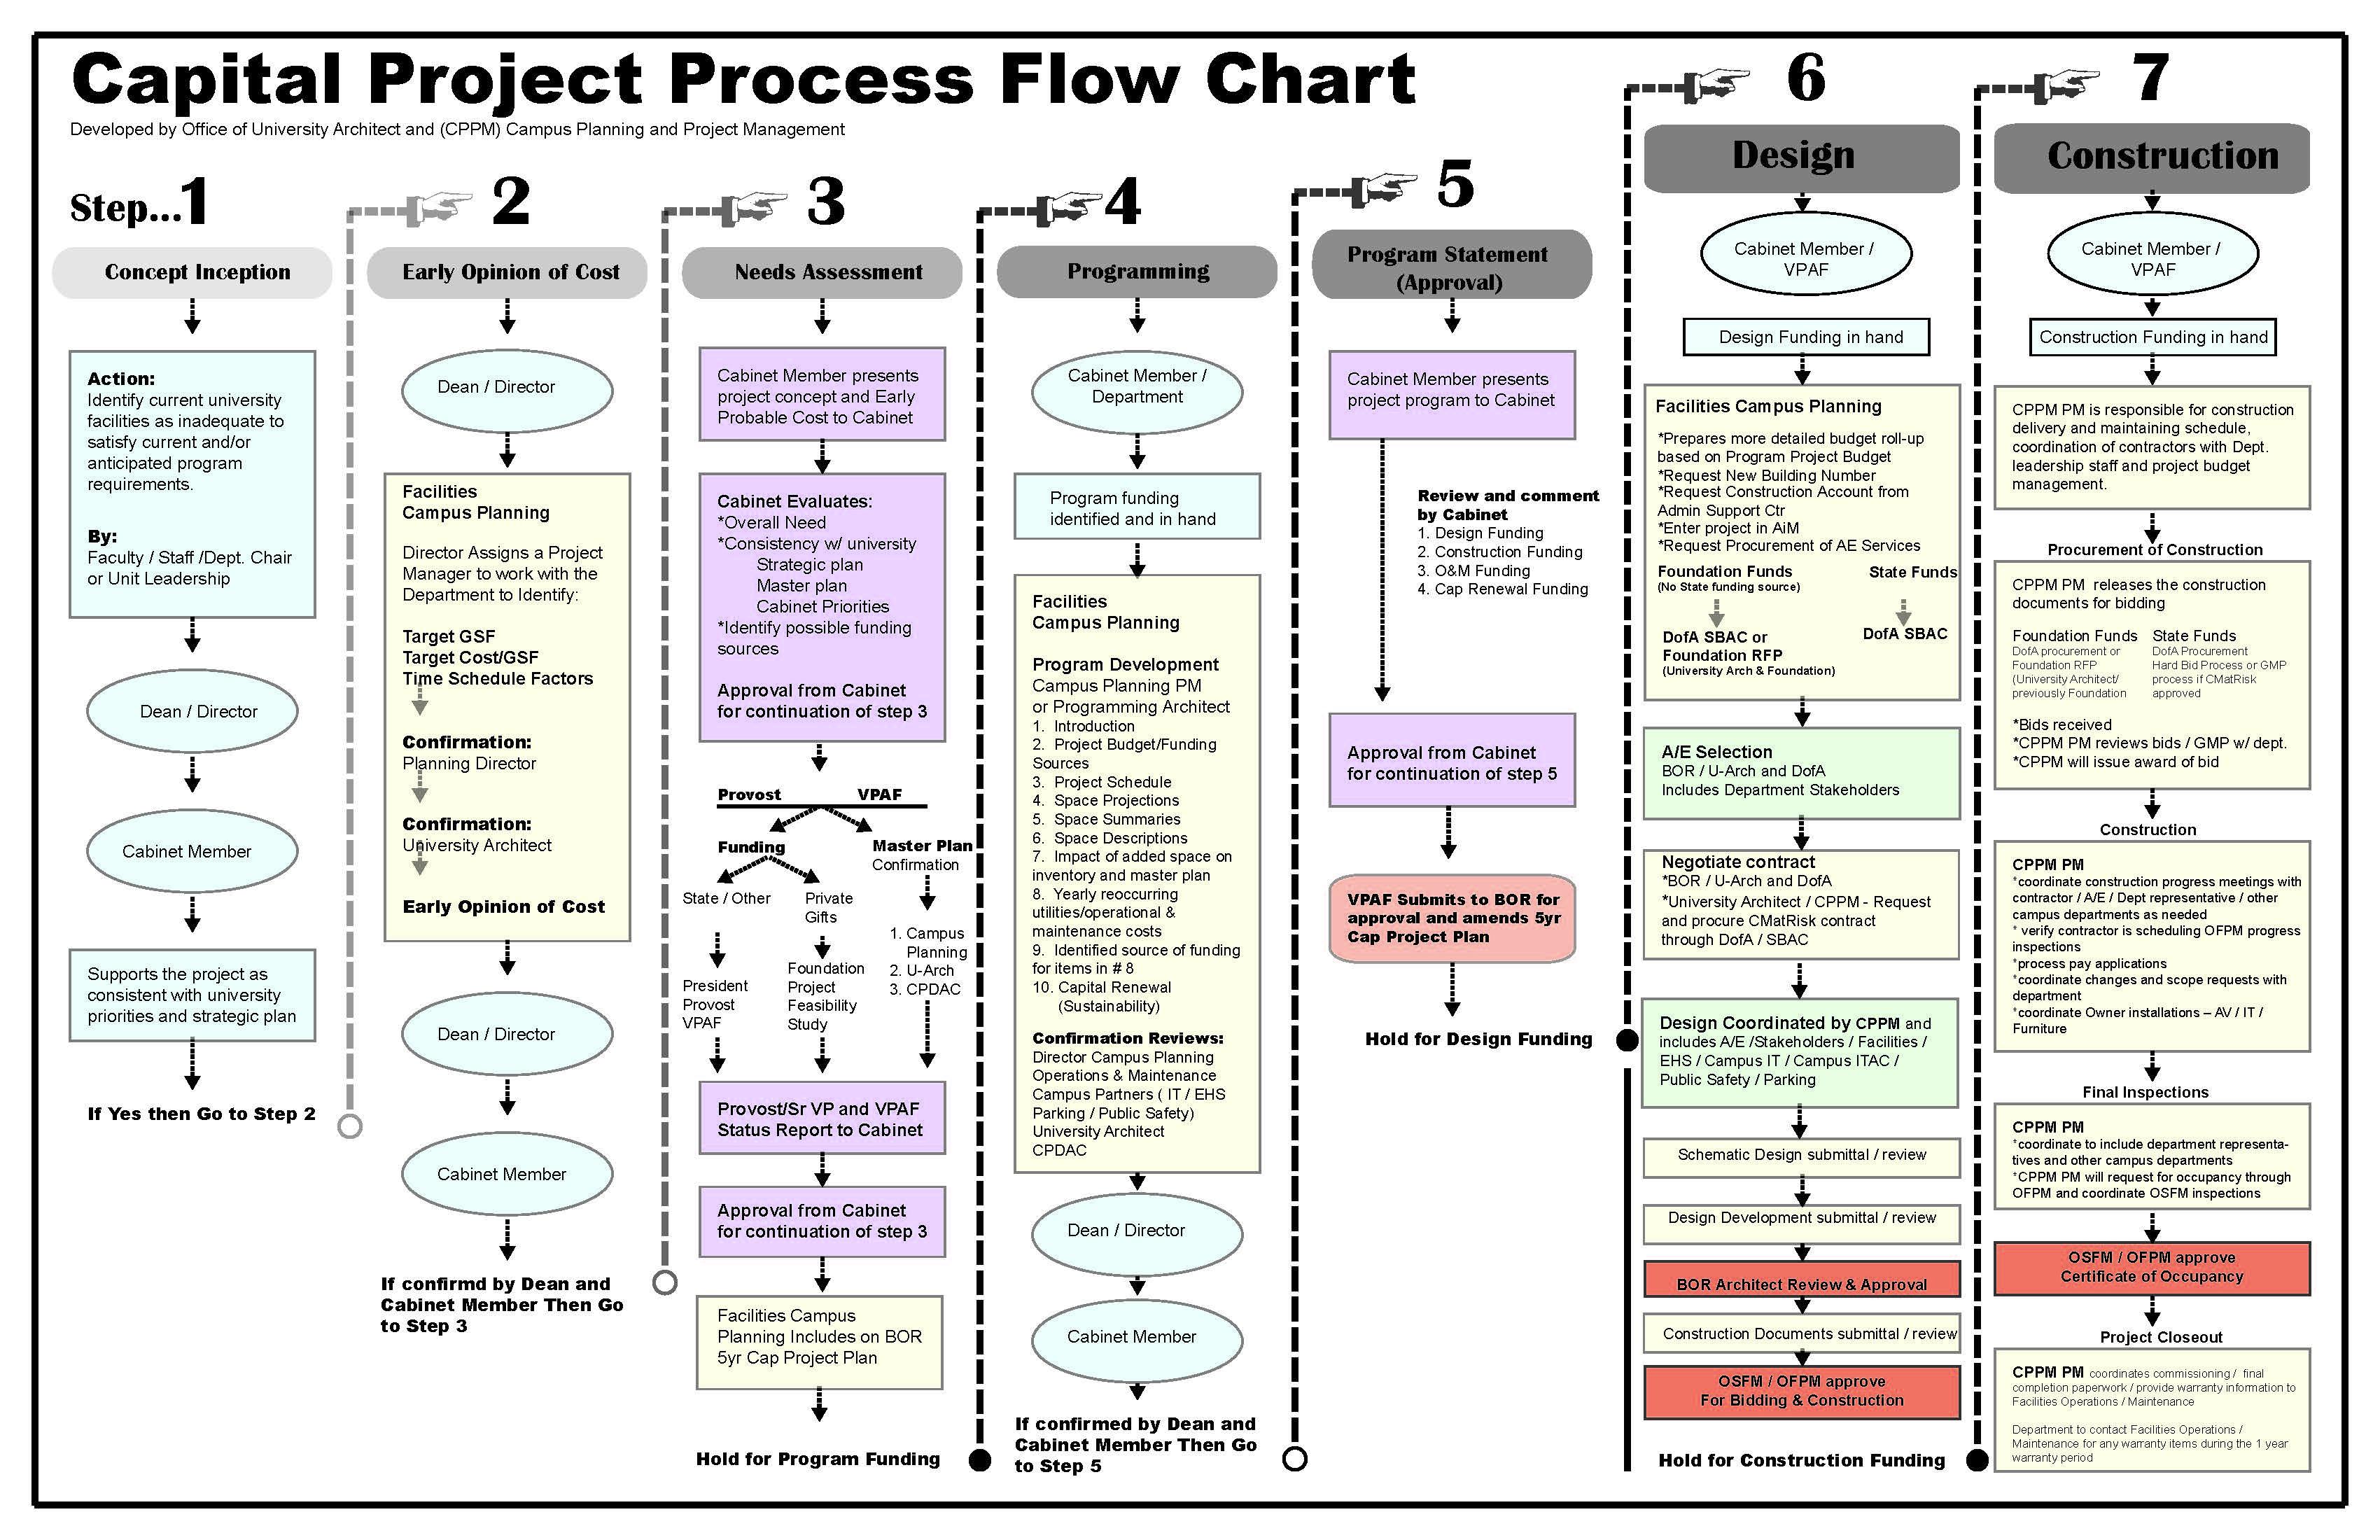 Cap Project Flow Chart